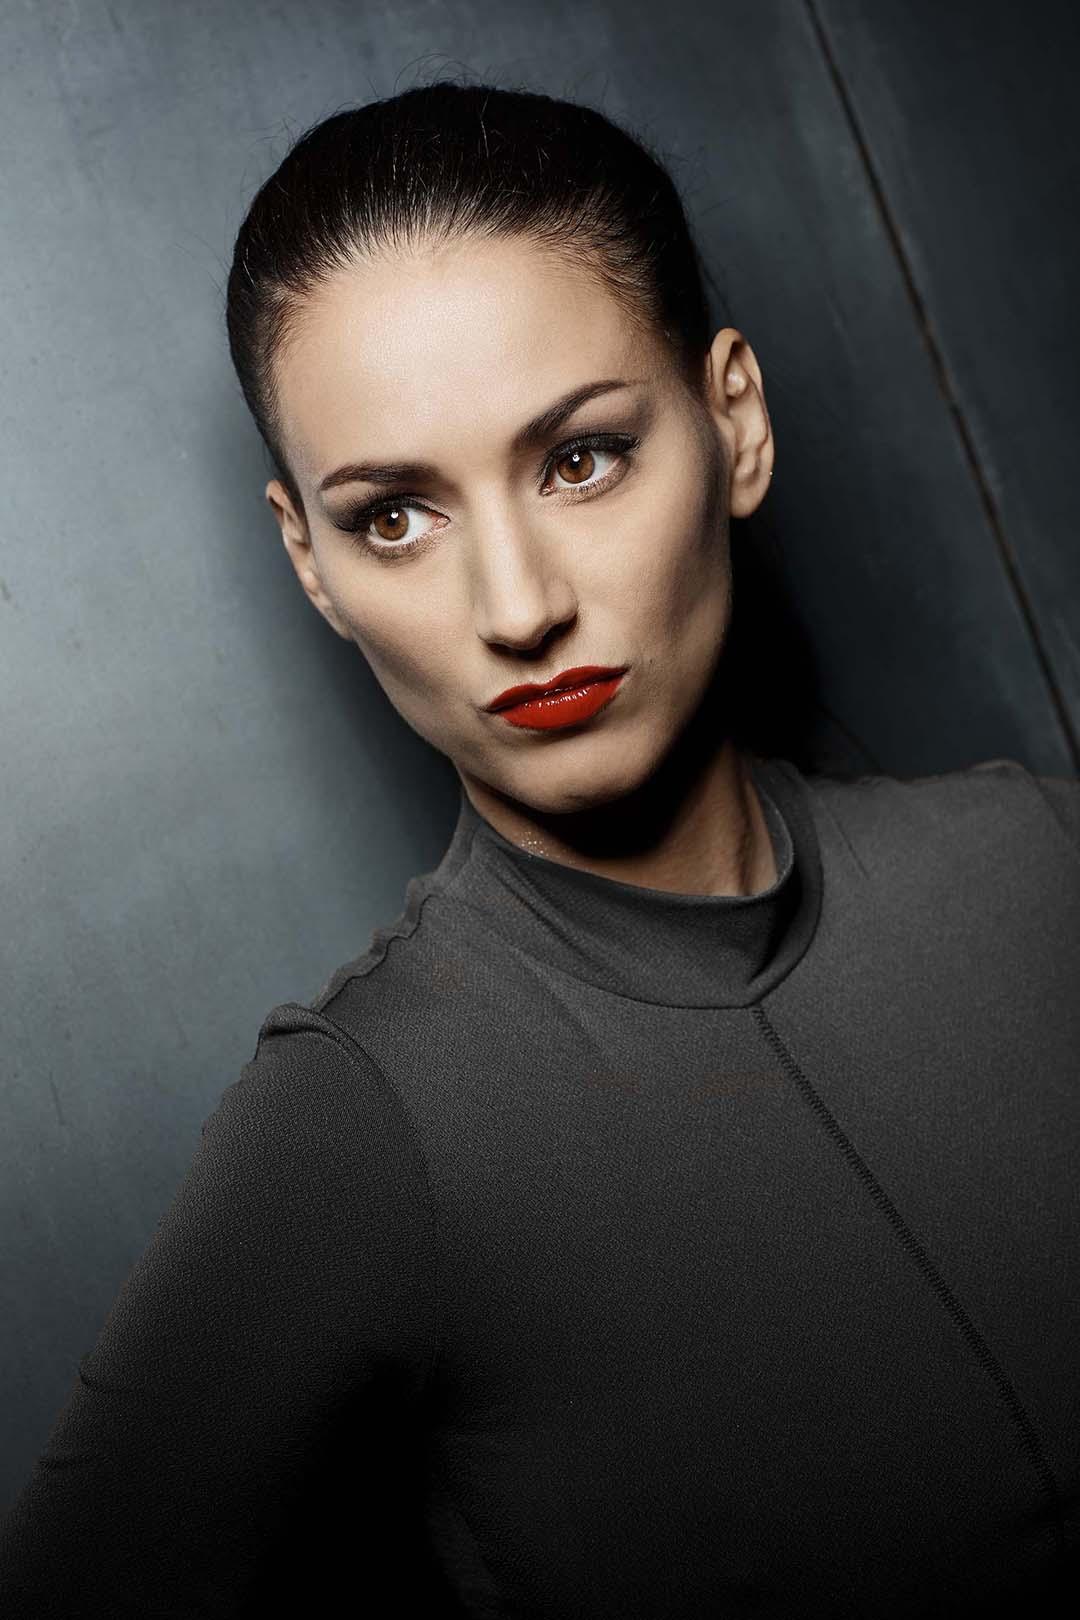 Ripli Zsuzsanna :: Portré fotózás, H2O LifeStyle Studio